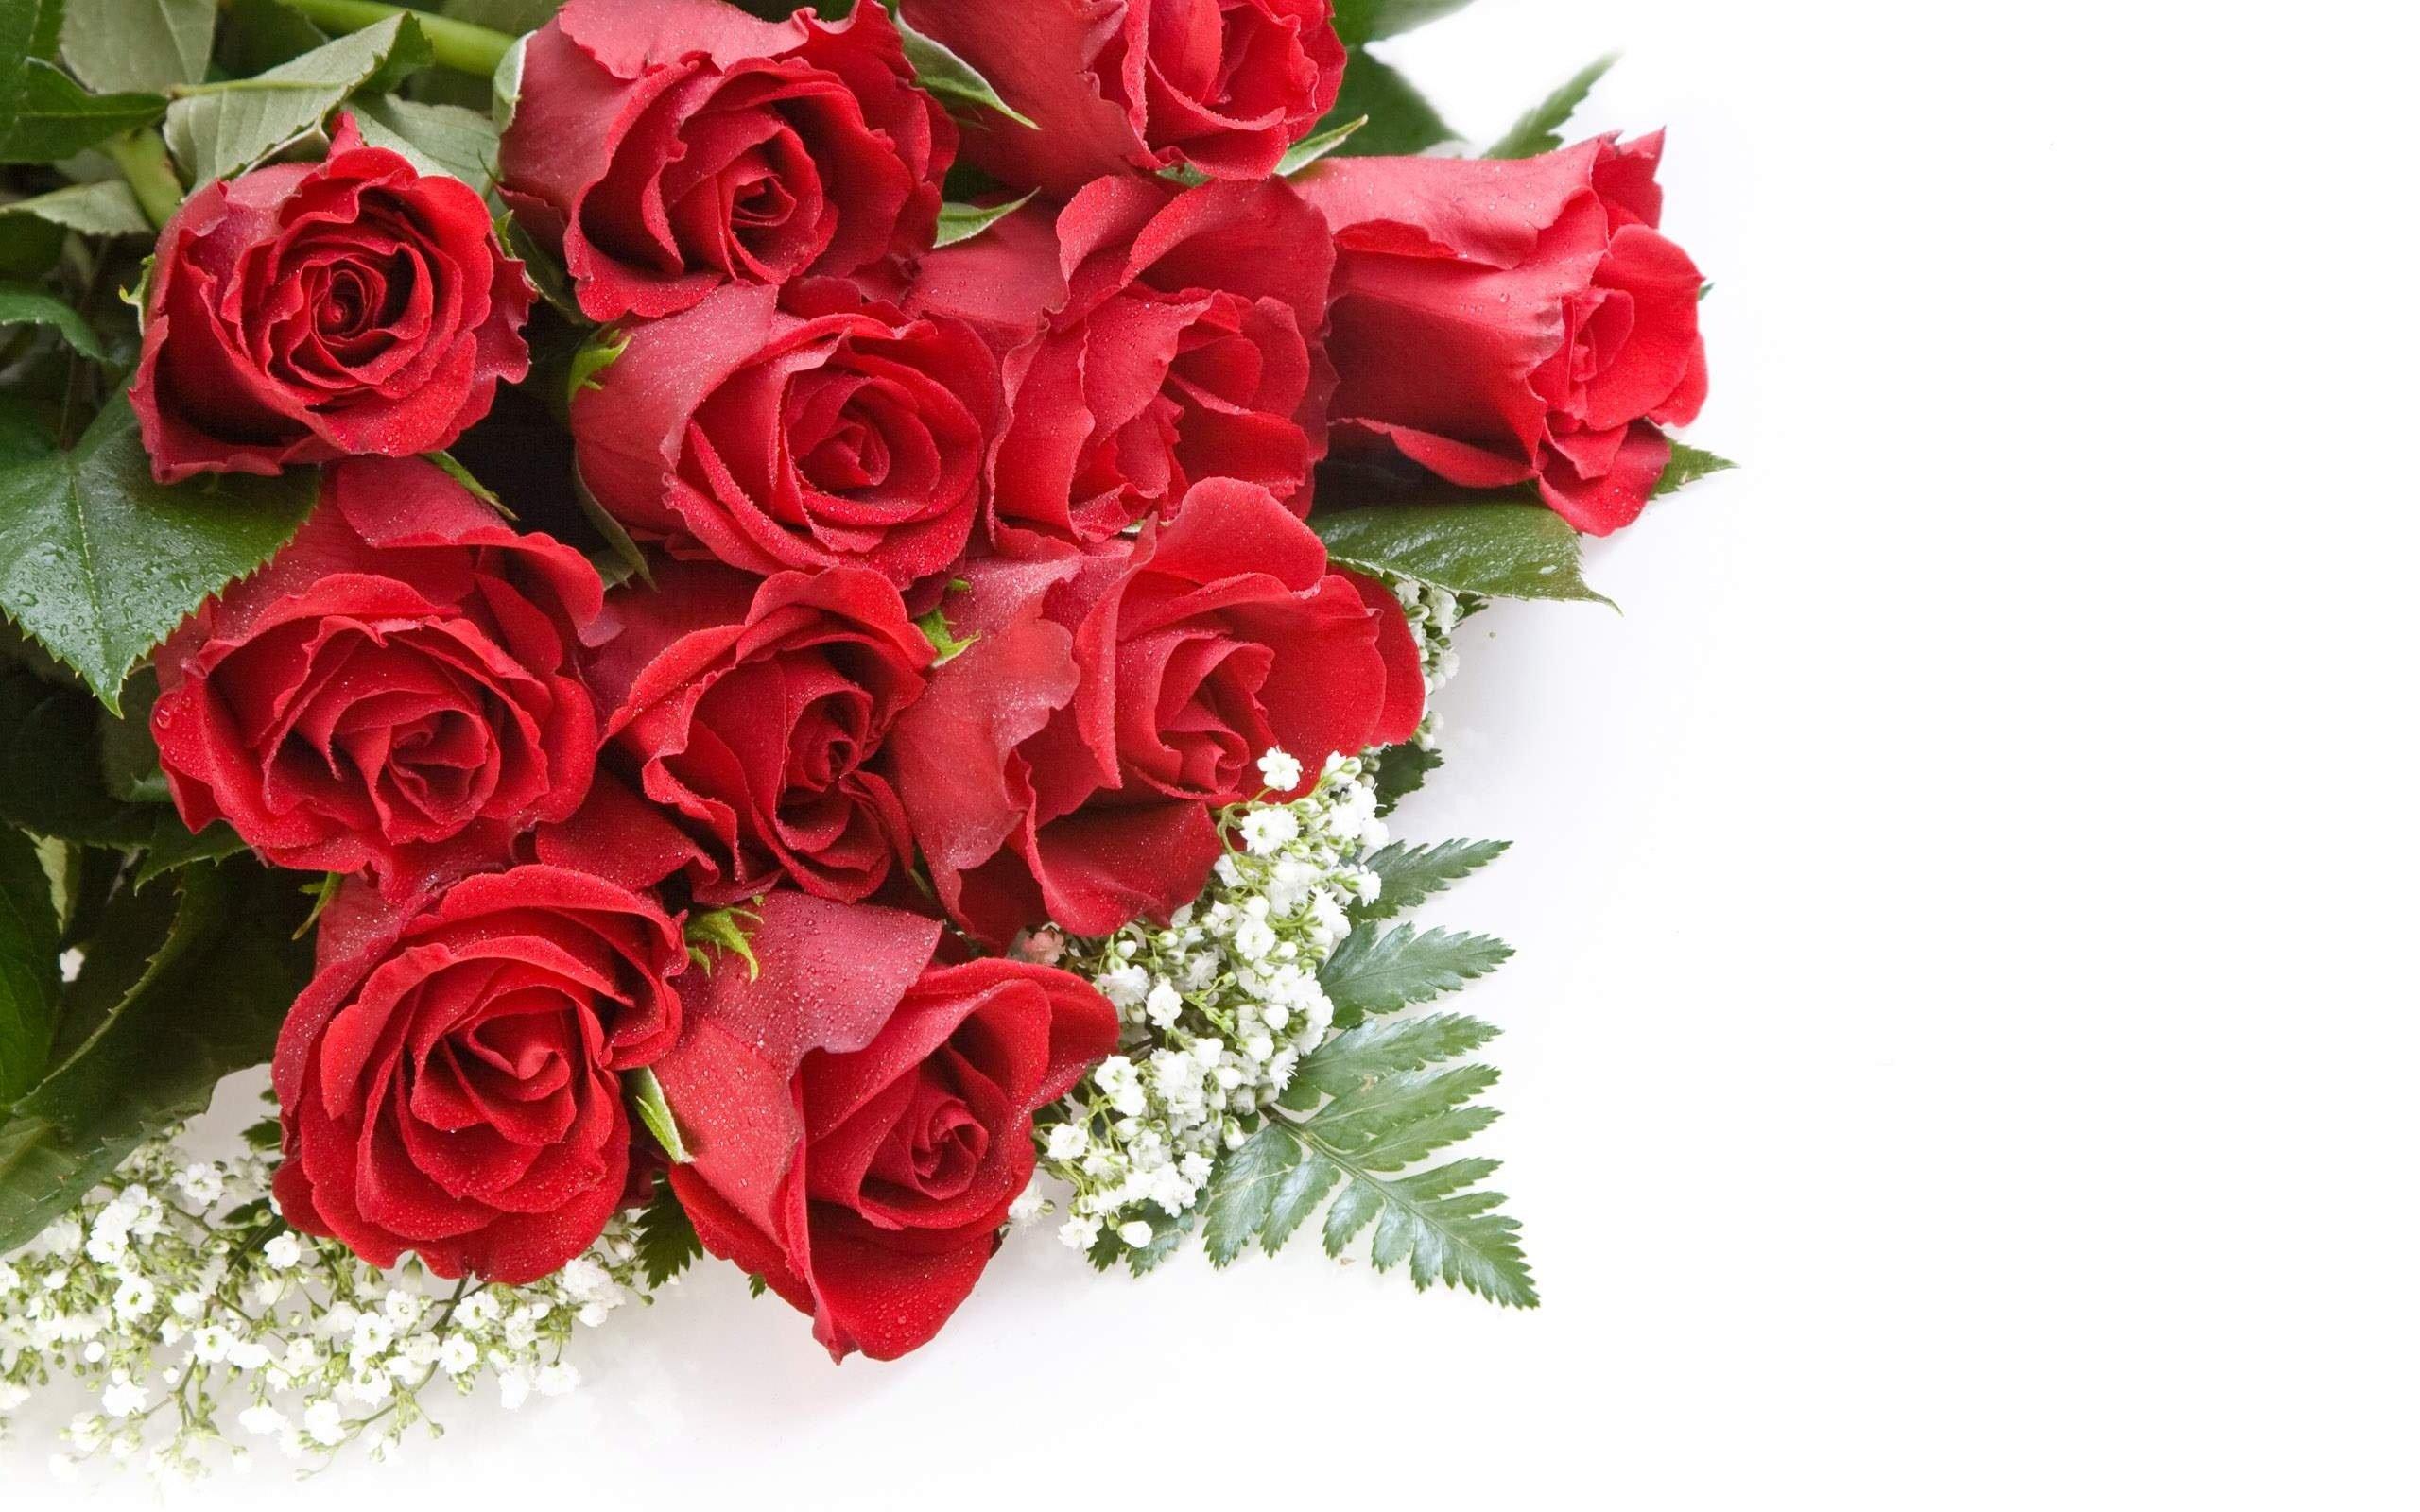 Beautiful Flowers Wallpapers Free Download - WallpaperSafari